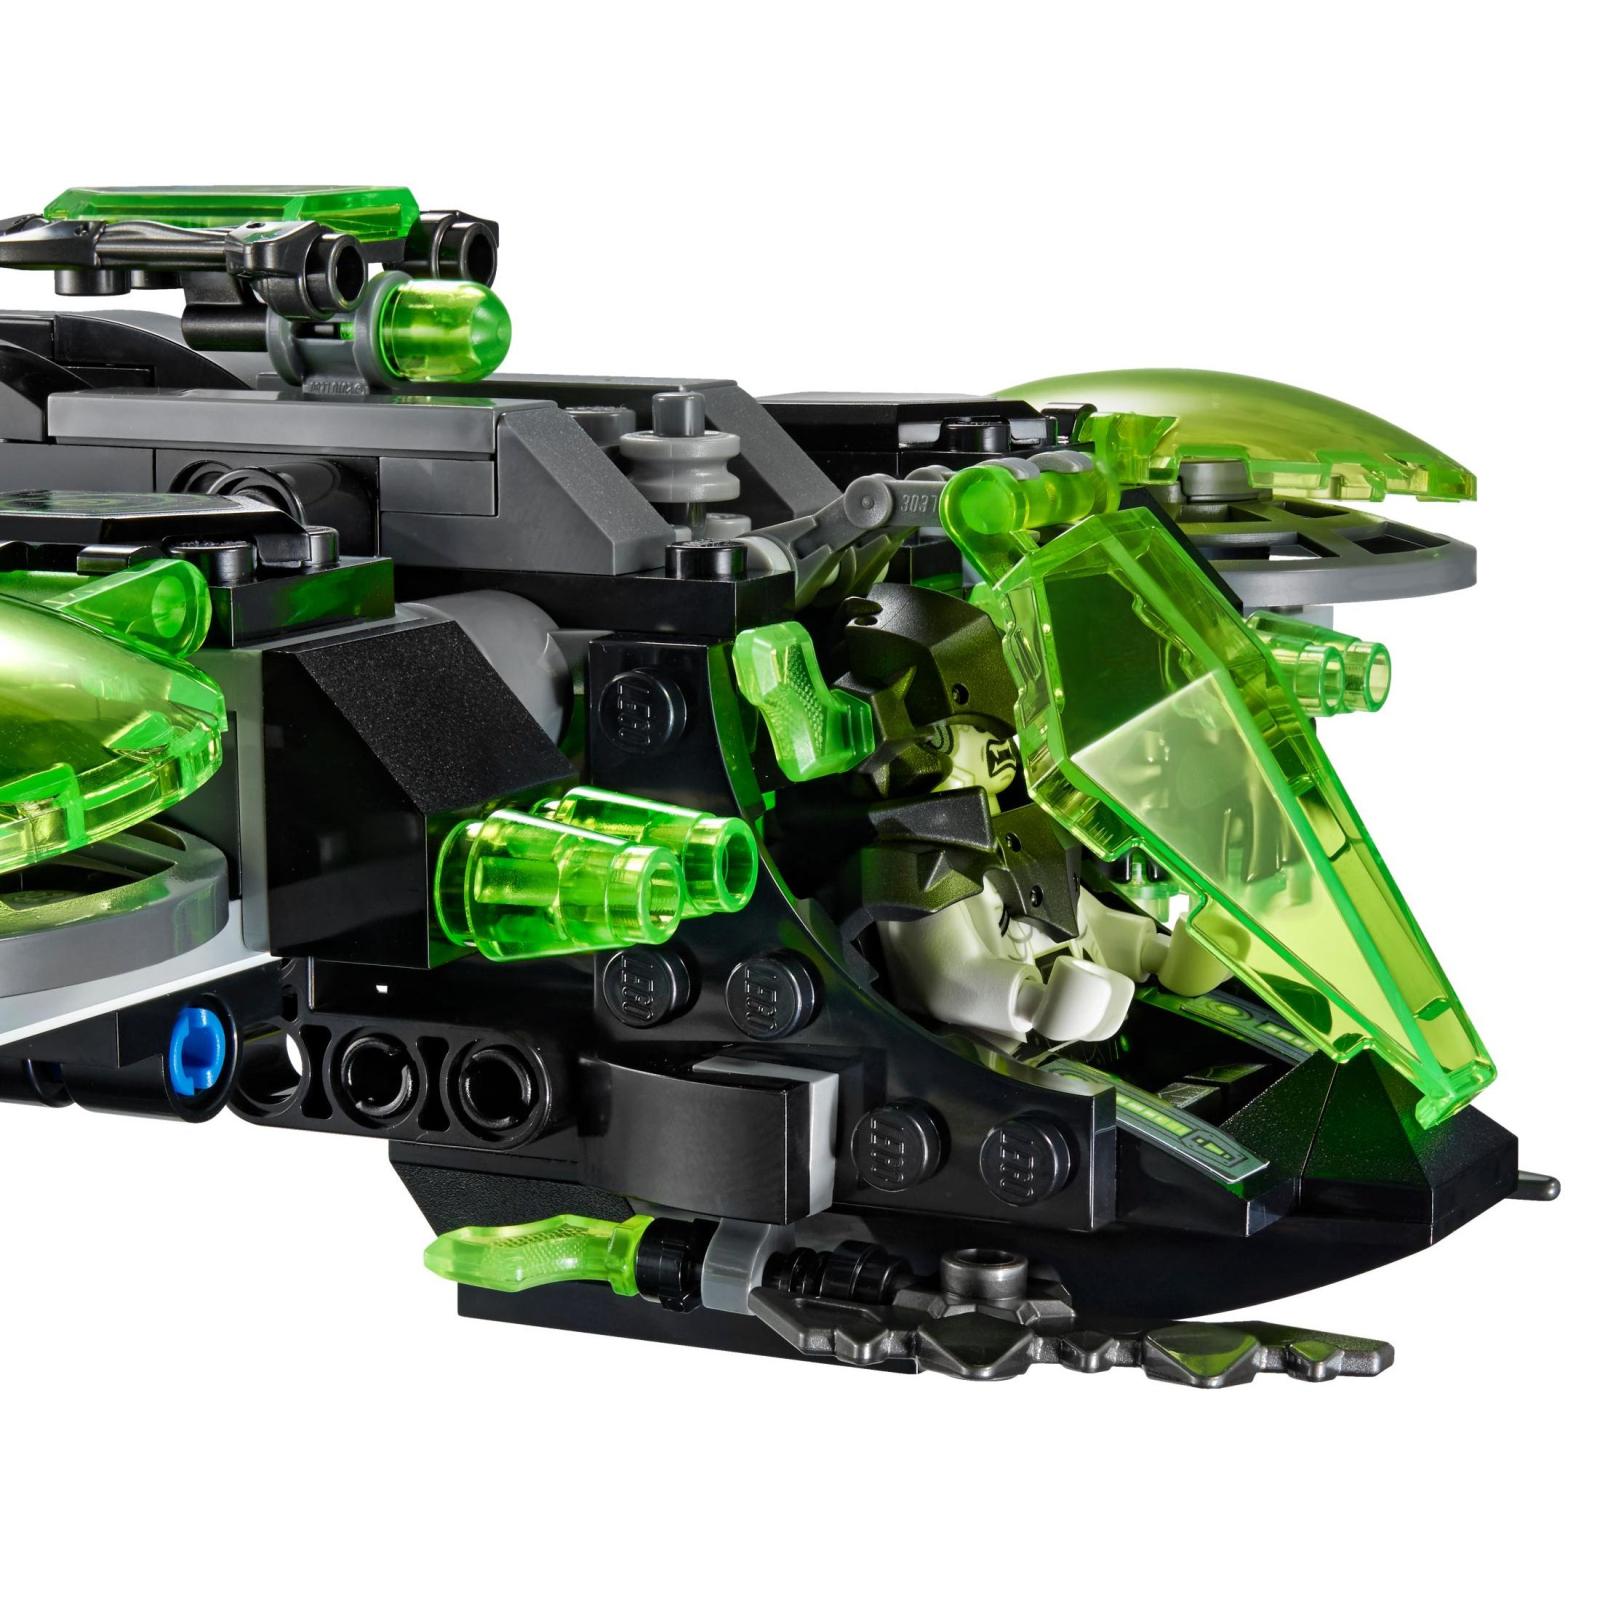 Конструктор LEGO Nexo Knights Бомбардировщик Берсеркер (72003) изображение 5